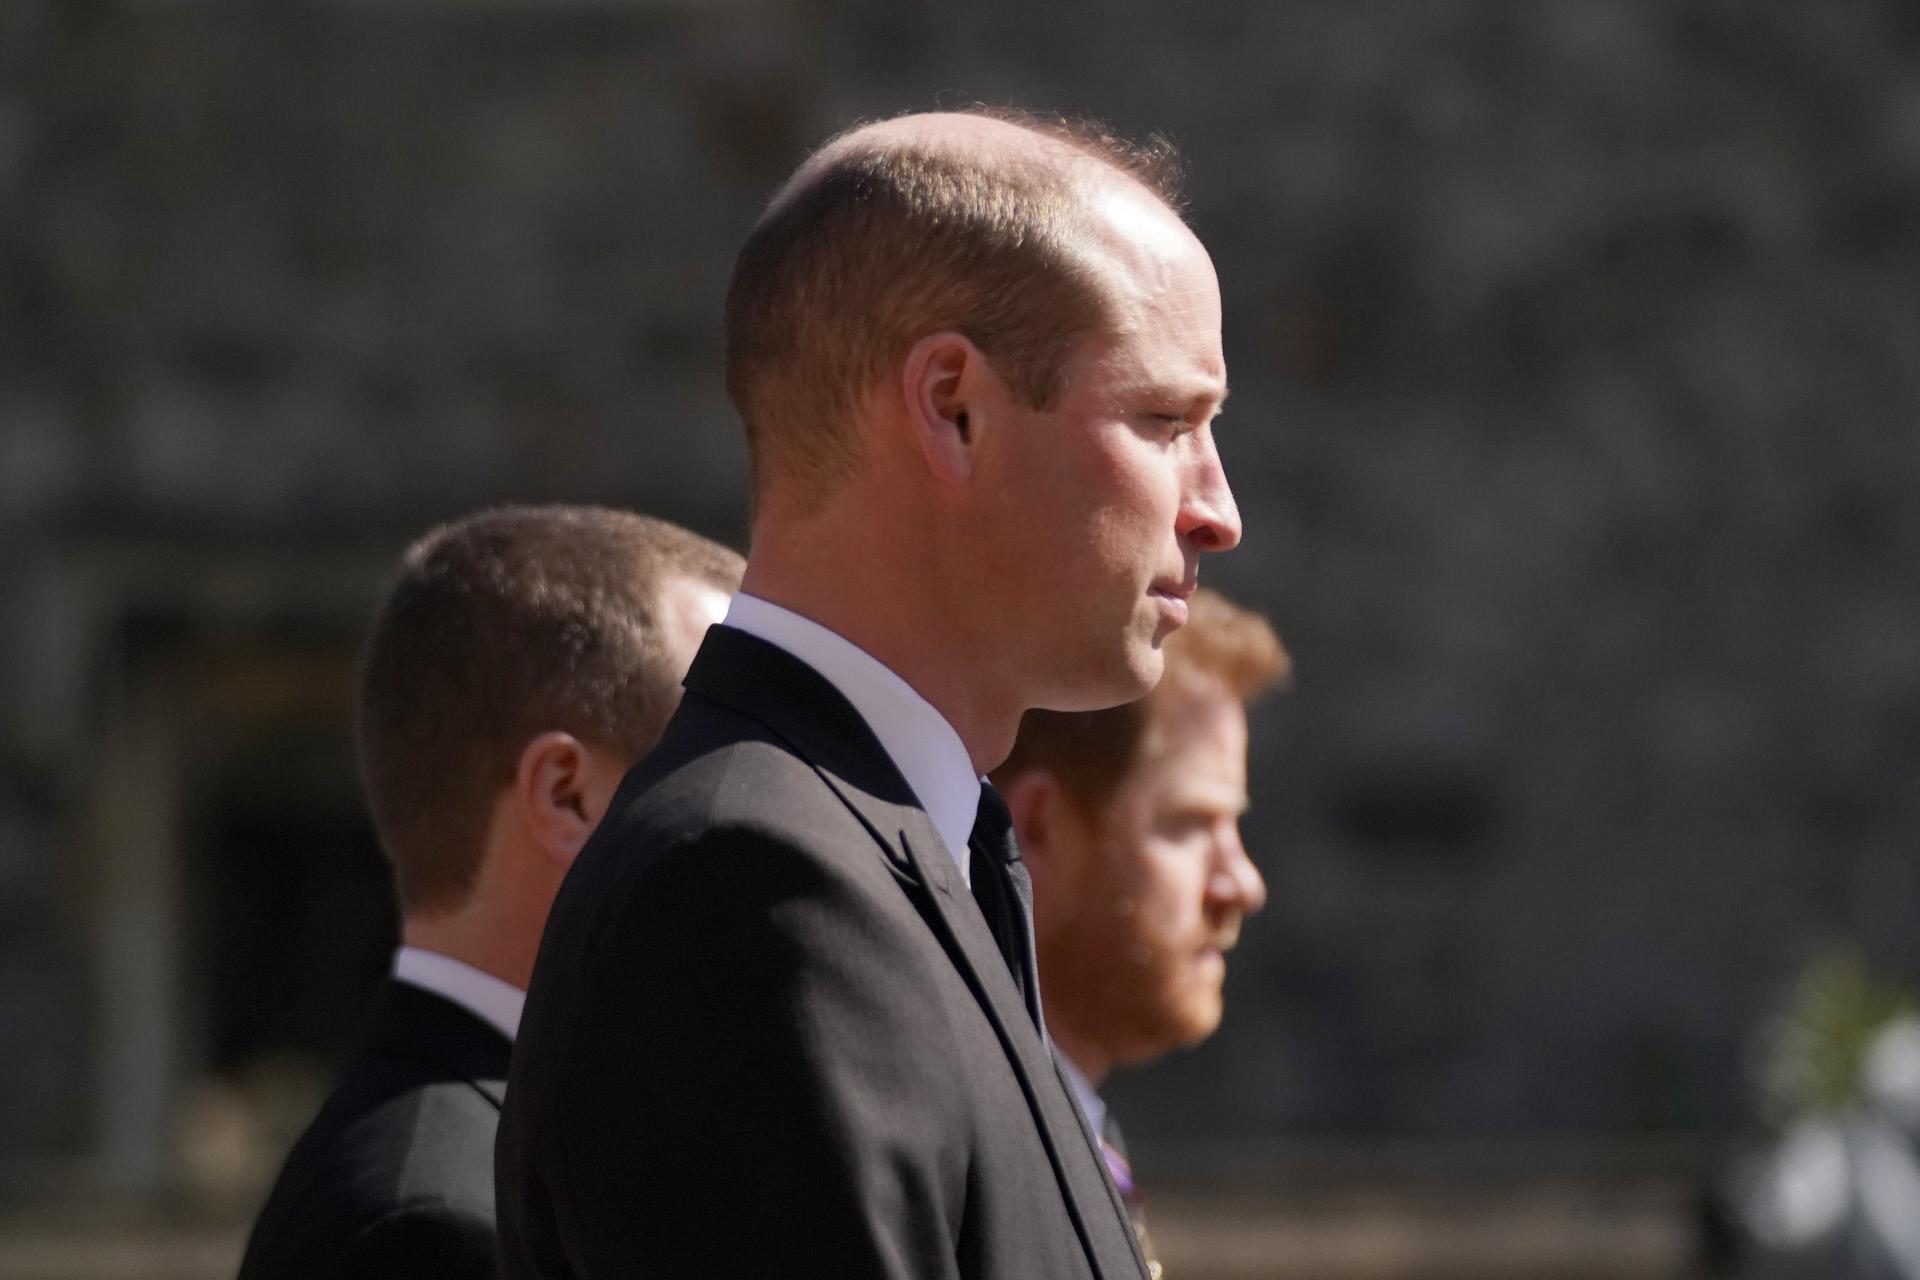 El príncipe Guillermo, segundo en la línea de sucesión, también ha asumido y parte de las responsabilidades de la corona.